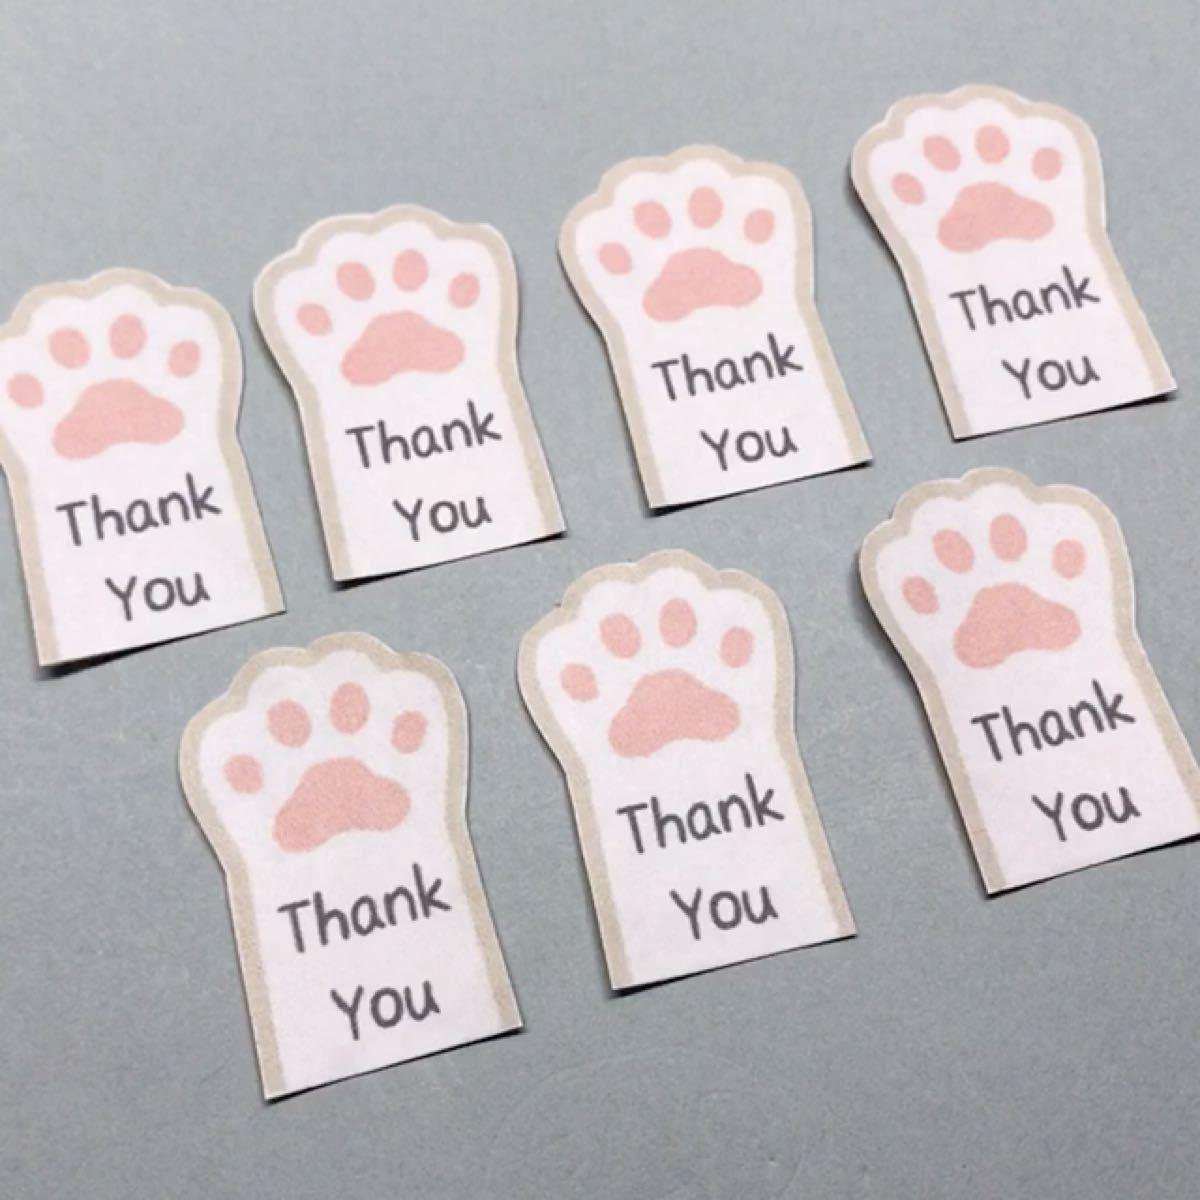 40枚ハンドメイド 手作り 猫 犬 肉球爪にくきゅう サンキューシールありがとうシール クラフトシール猫プレゼントお土産卒業結婚式